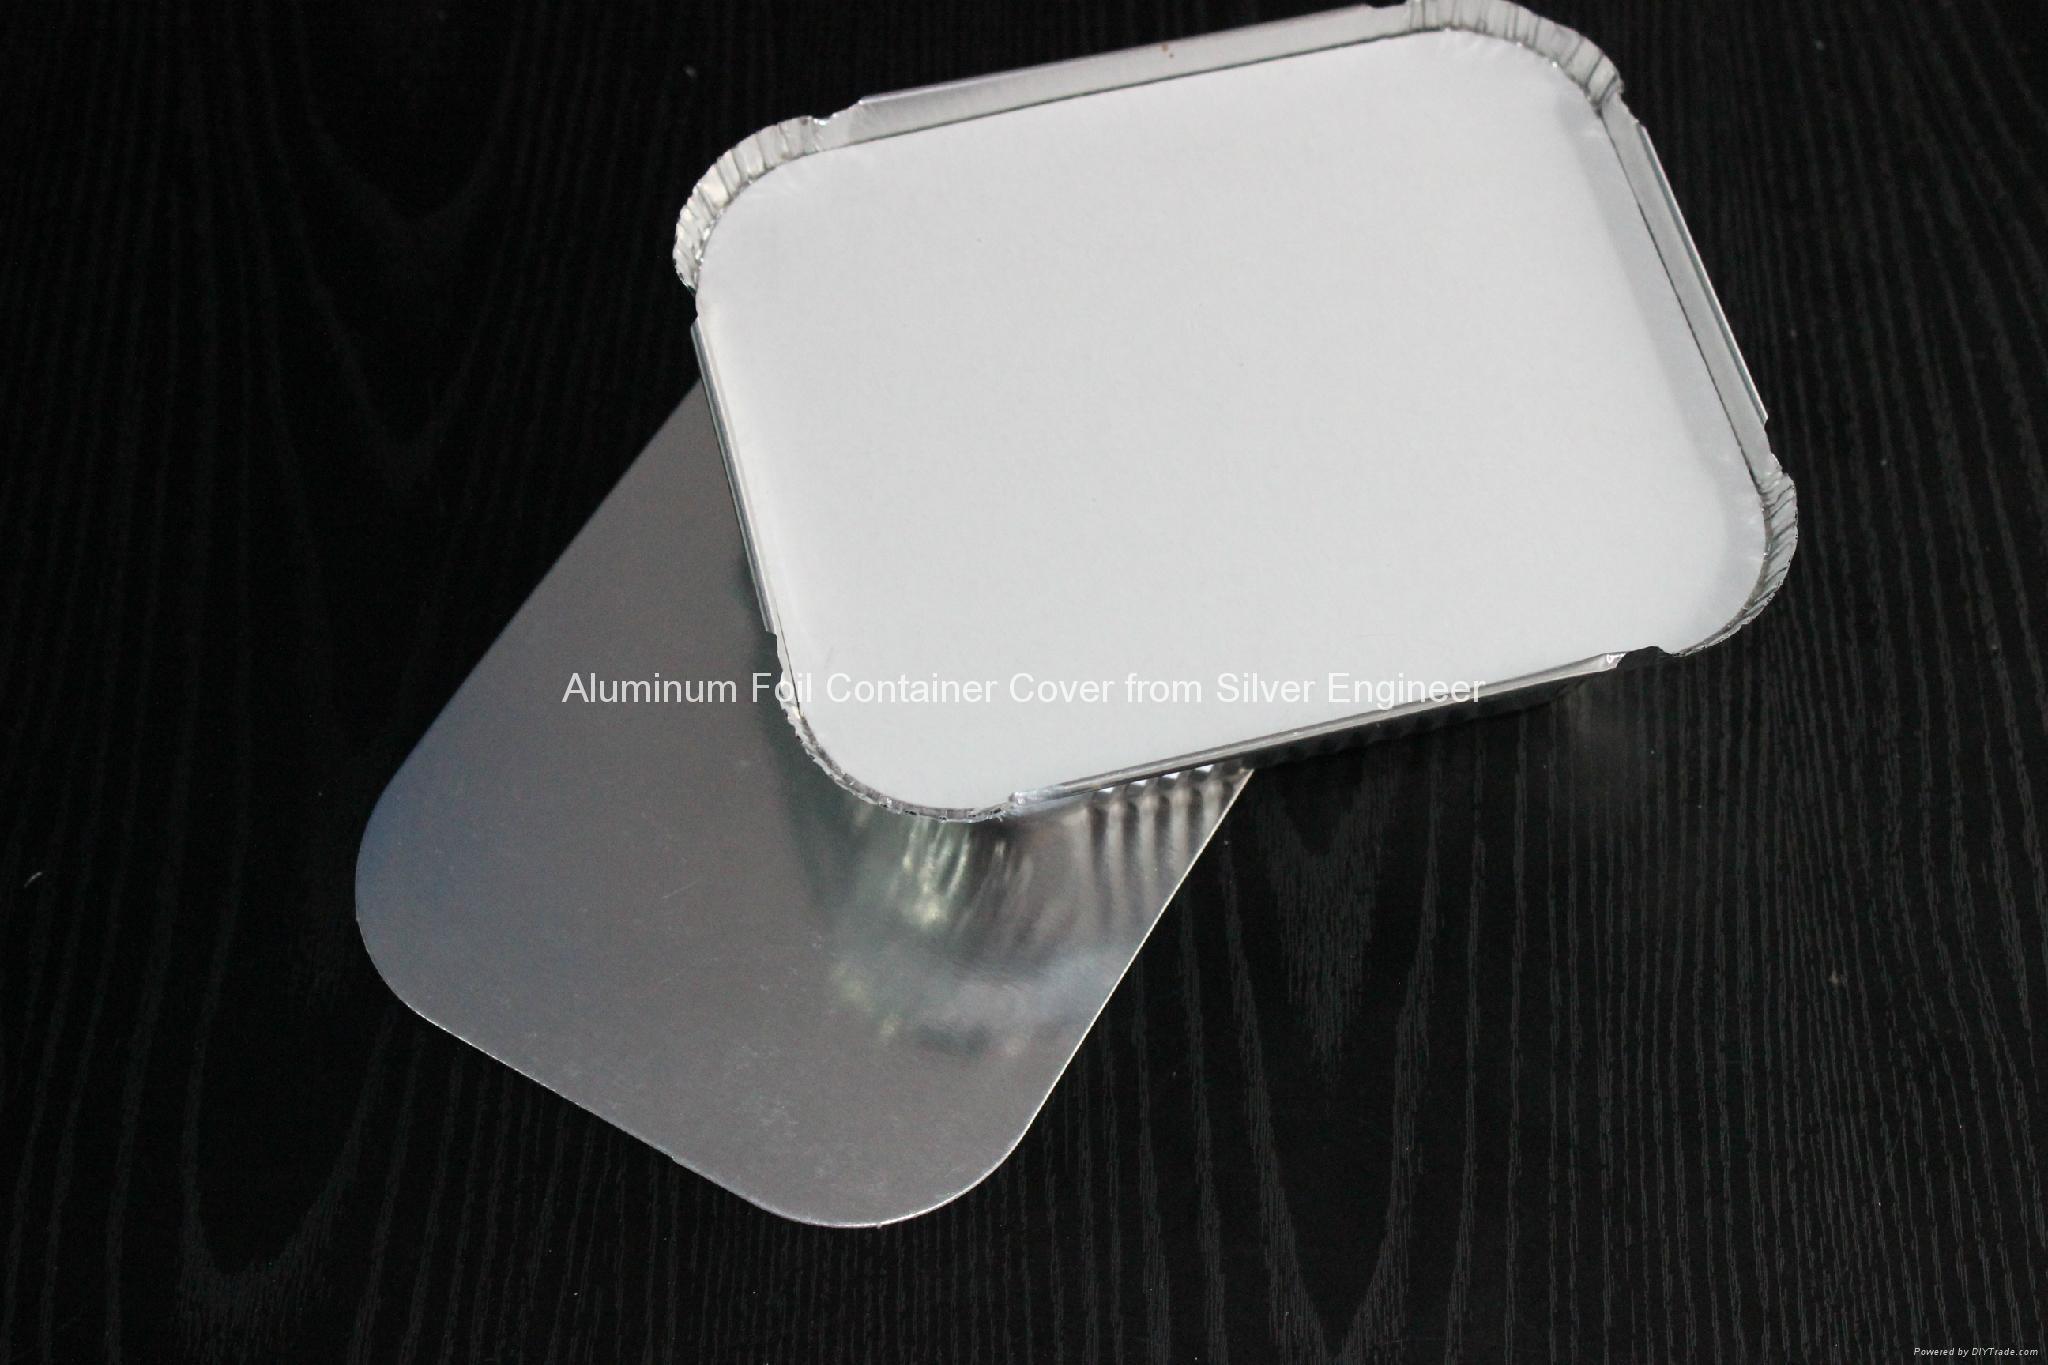 铝箔餐盒纸盖 7